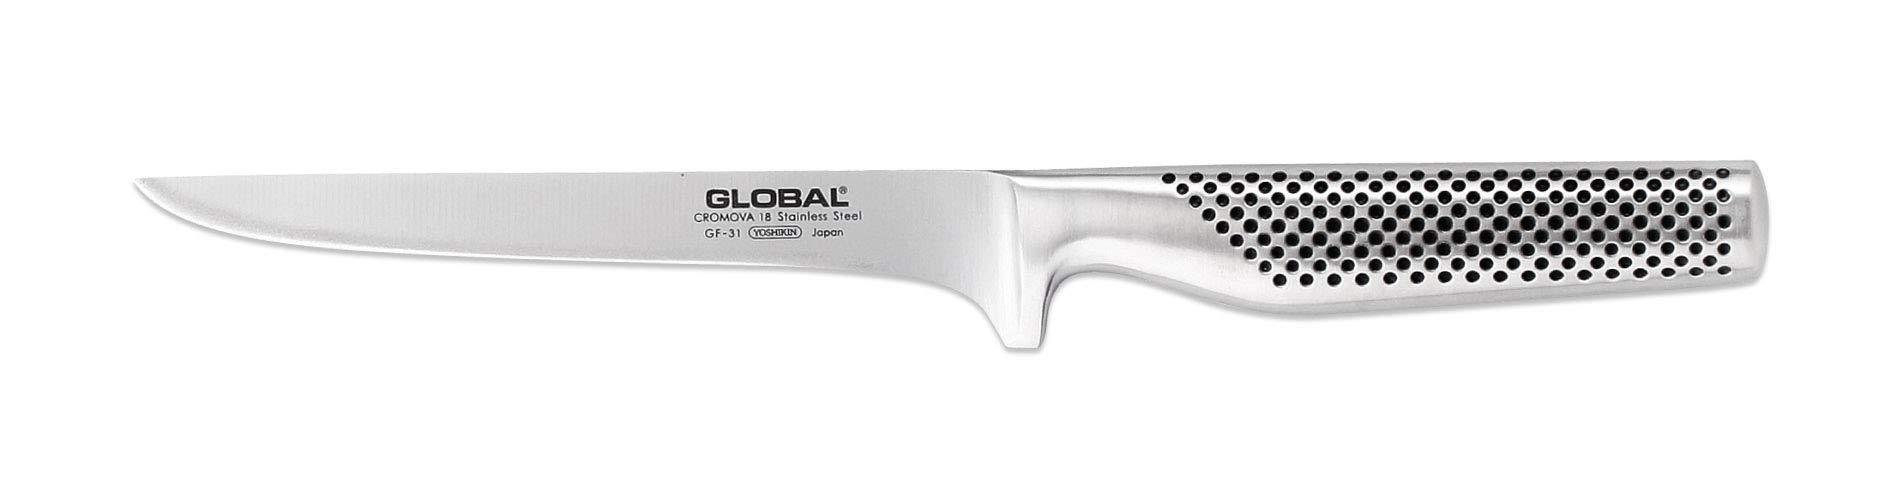 Global GF-31-6 1/4 inch, 16cm Heavyweight Boning Knife by Global